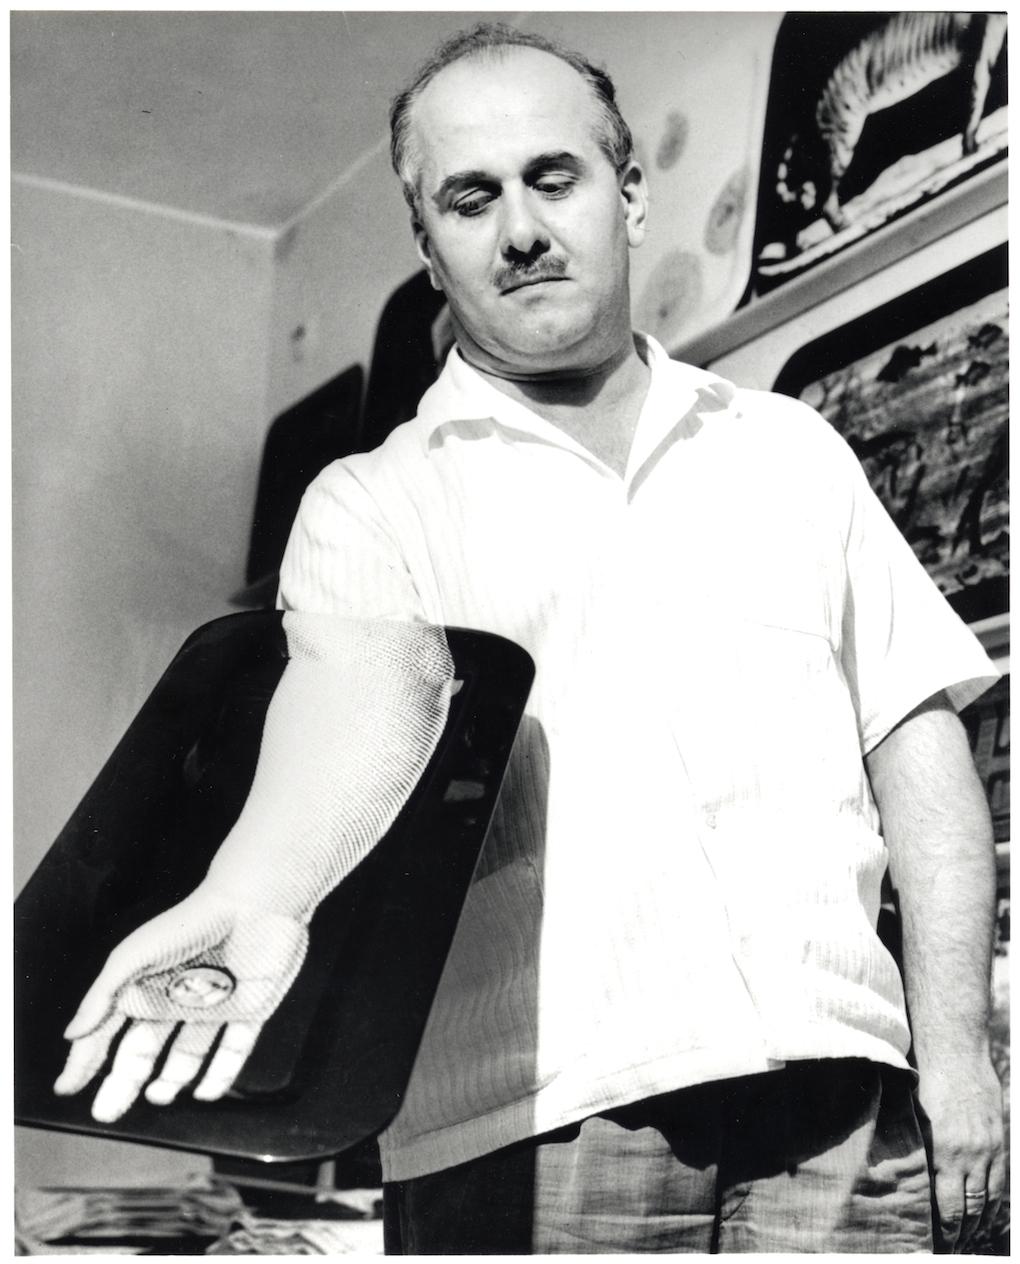 Piero Fornasetti. Courtesy: Archivio Fornasetti.